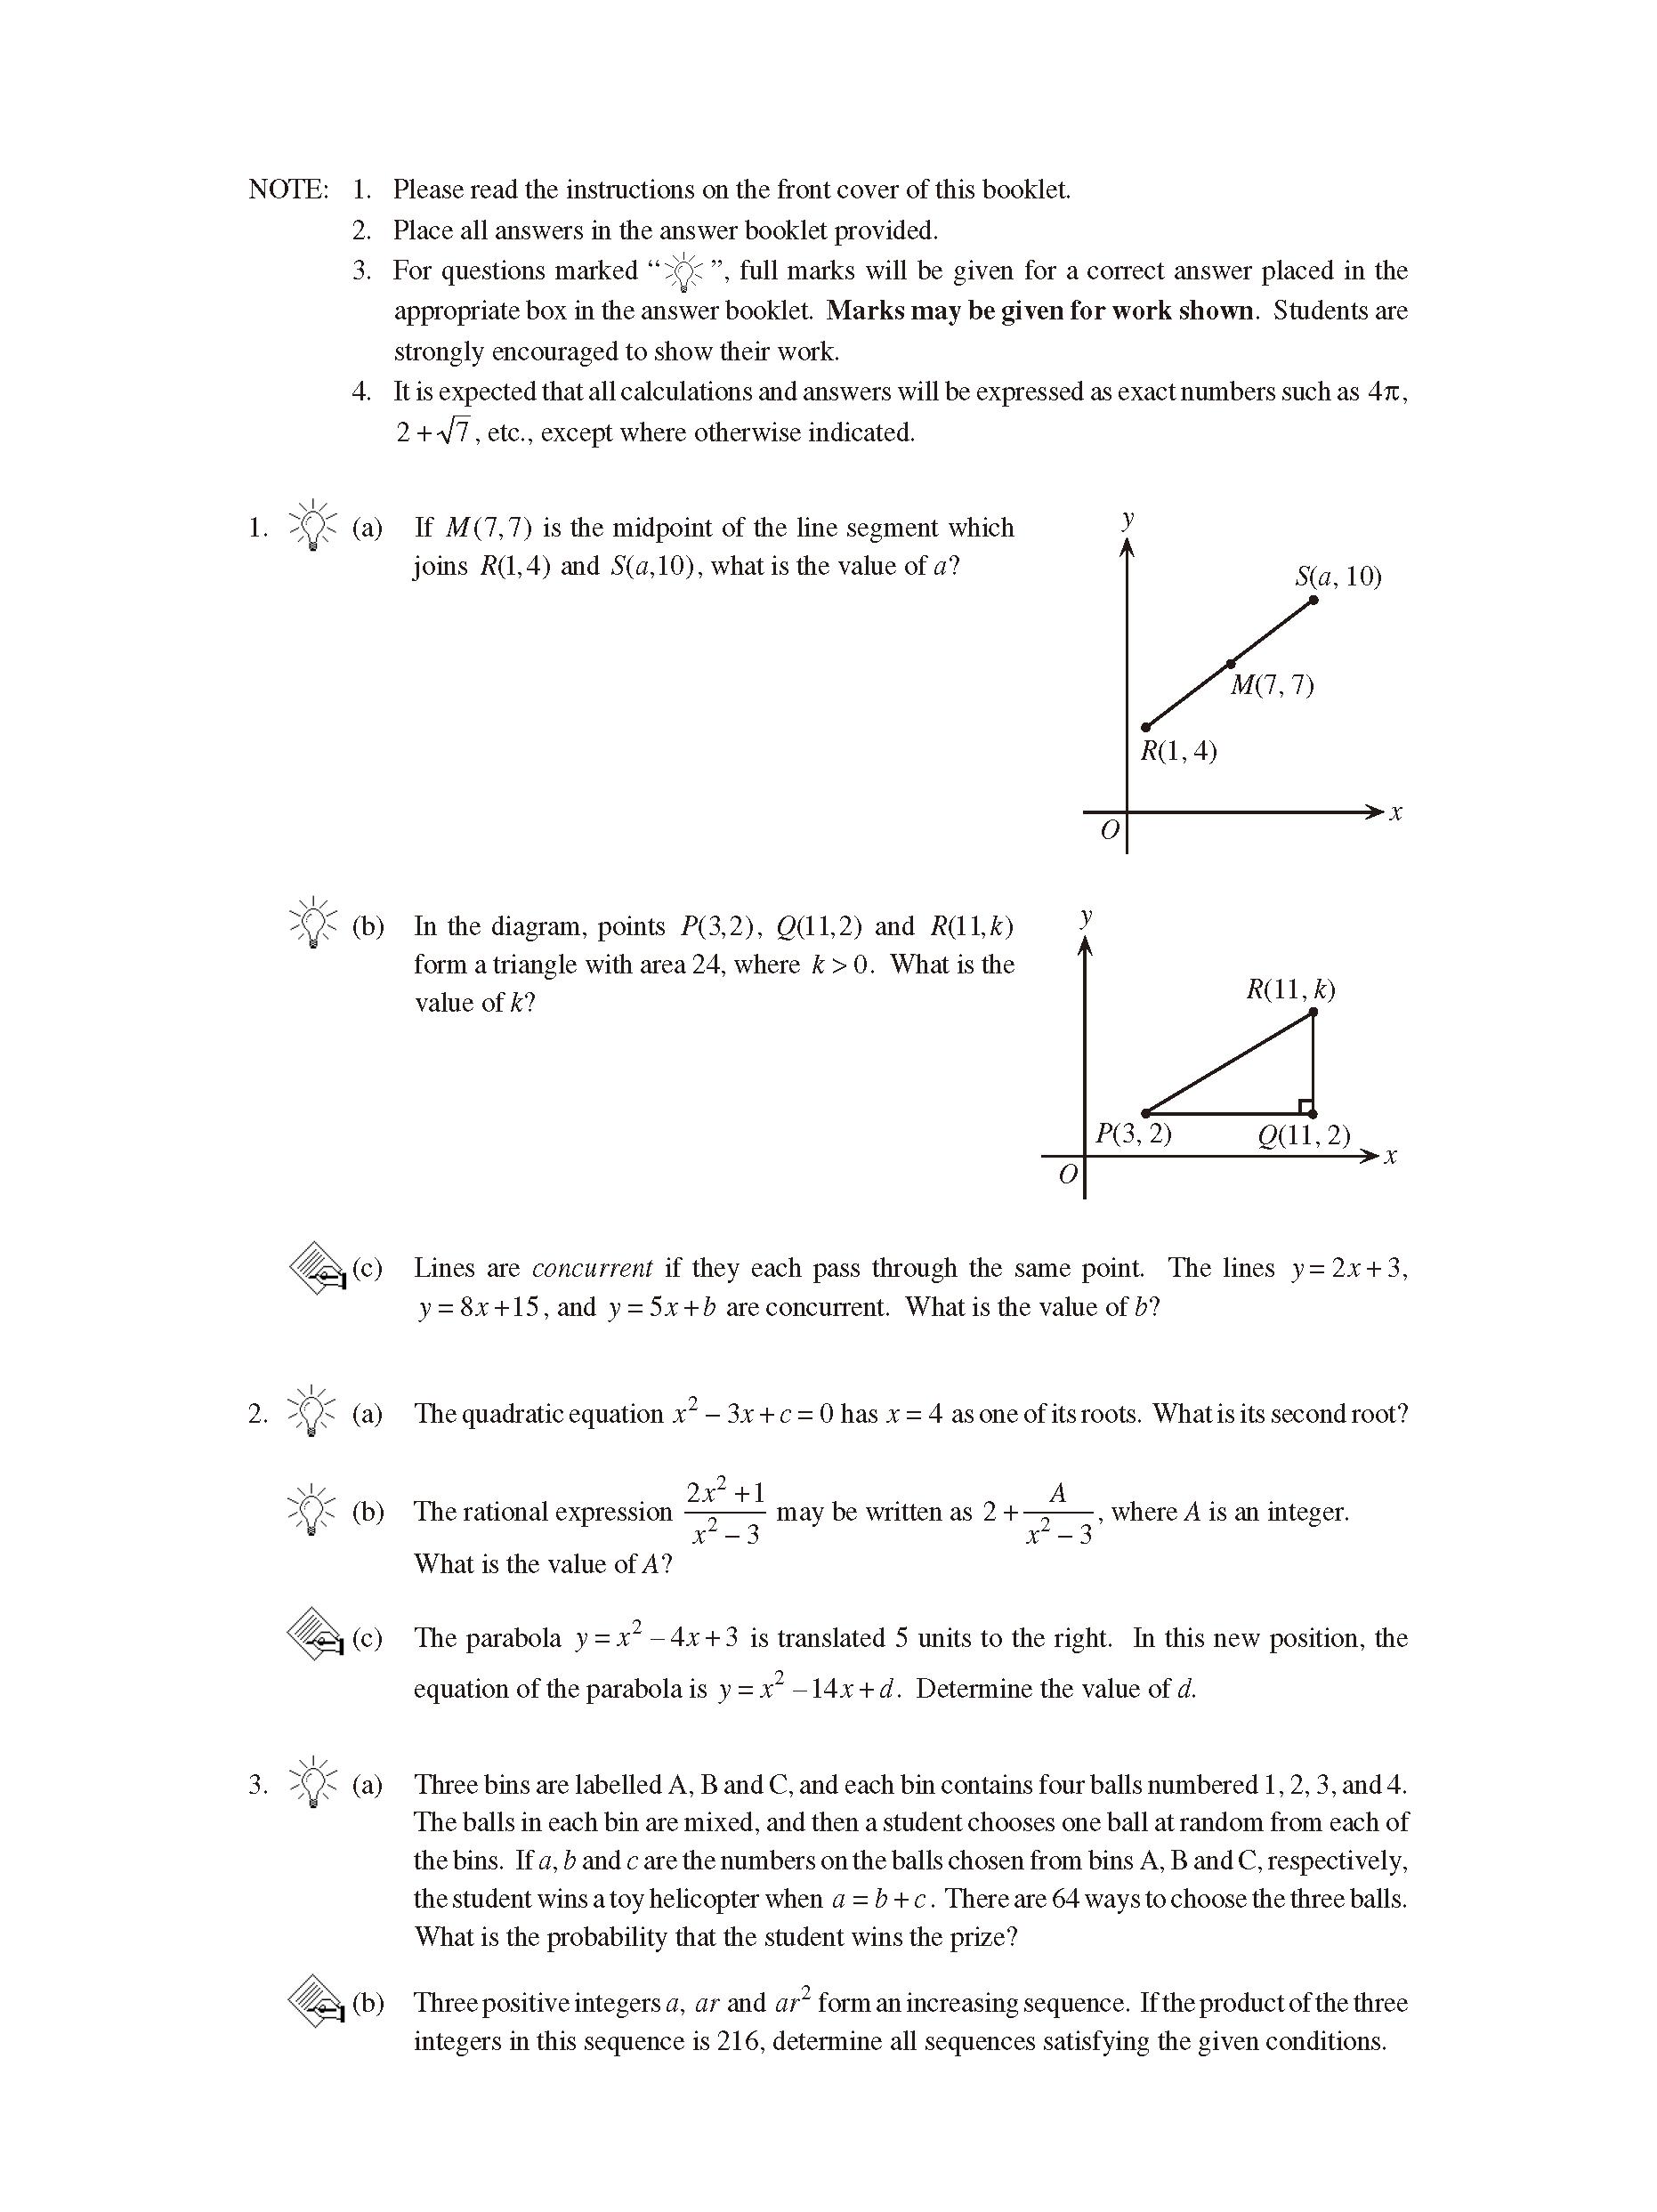 加拿大数学竞赛CMC-Euclid欧几里德数学竞赛2002年真题